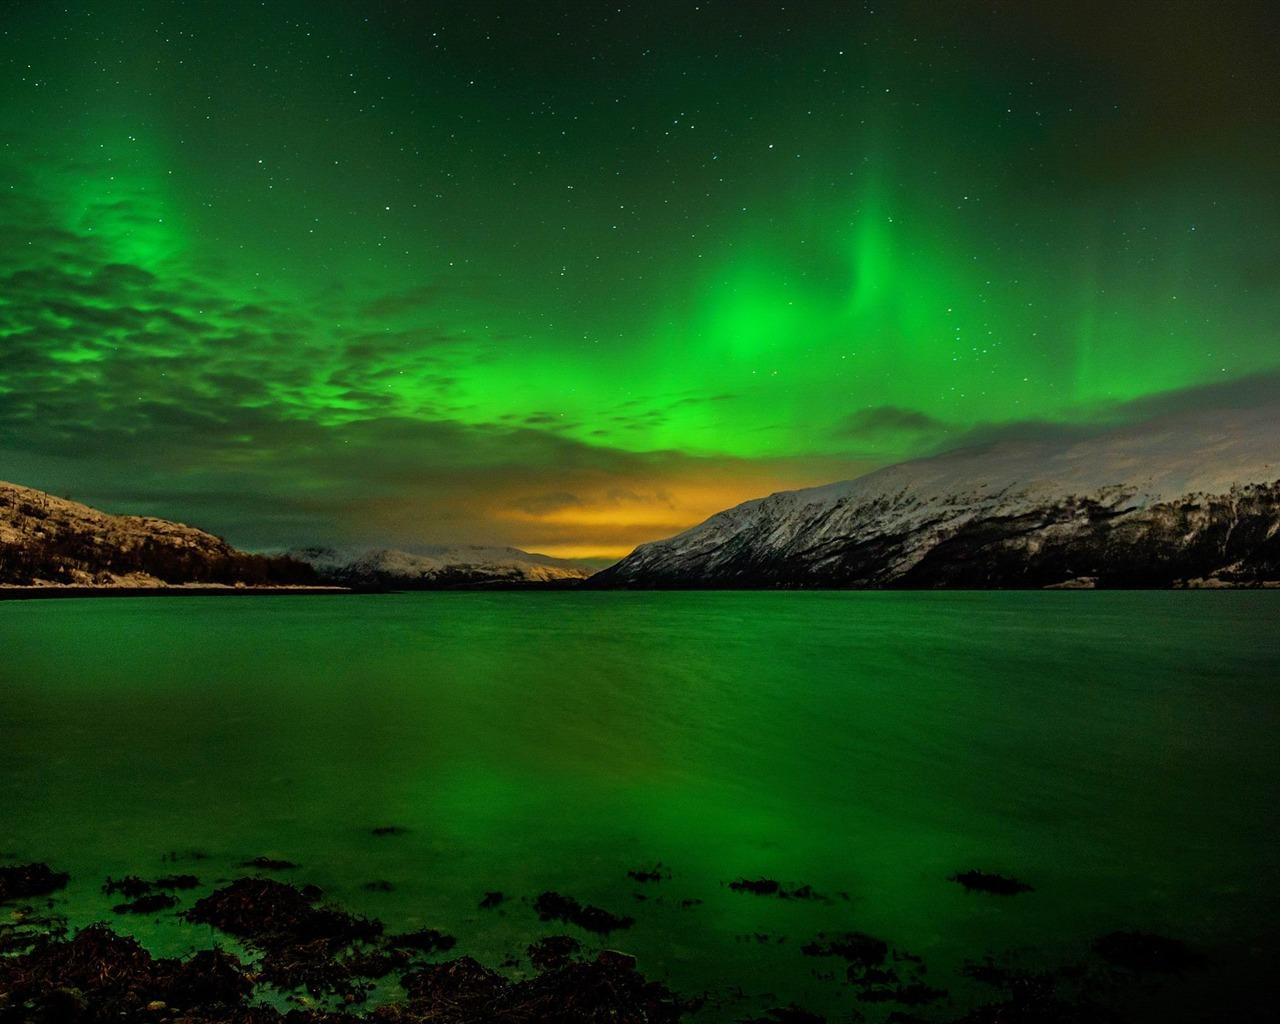 北极光湖-照片高清壁纸 - 1280x1024 壁纸 下载图片